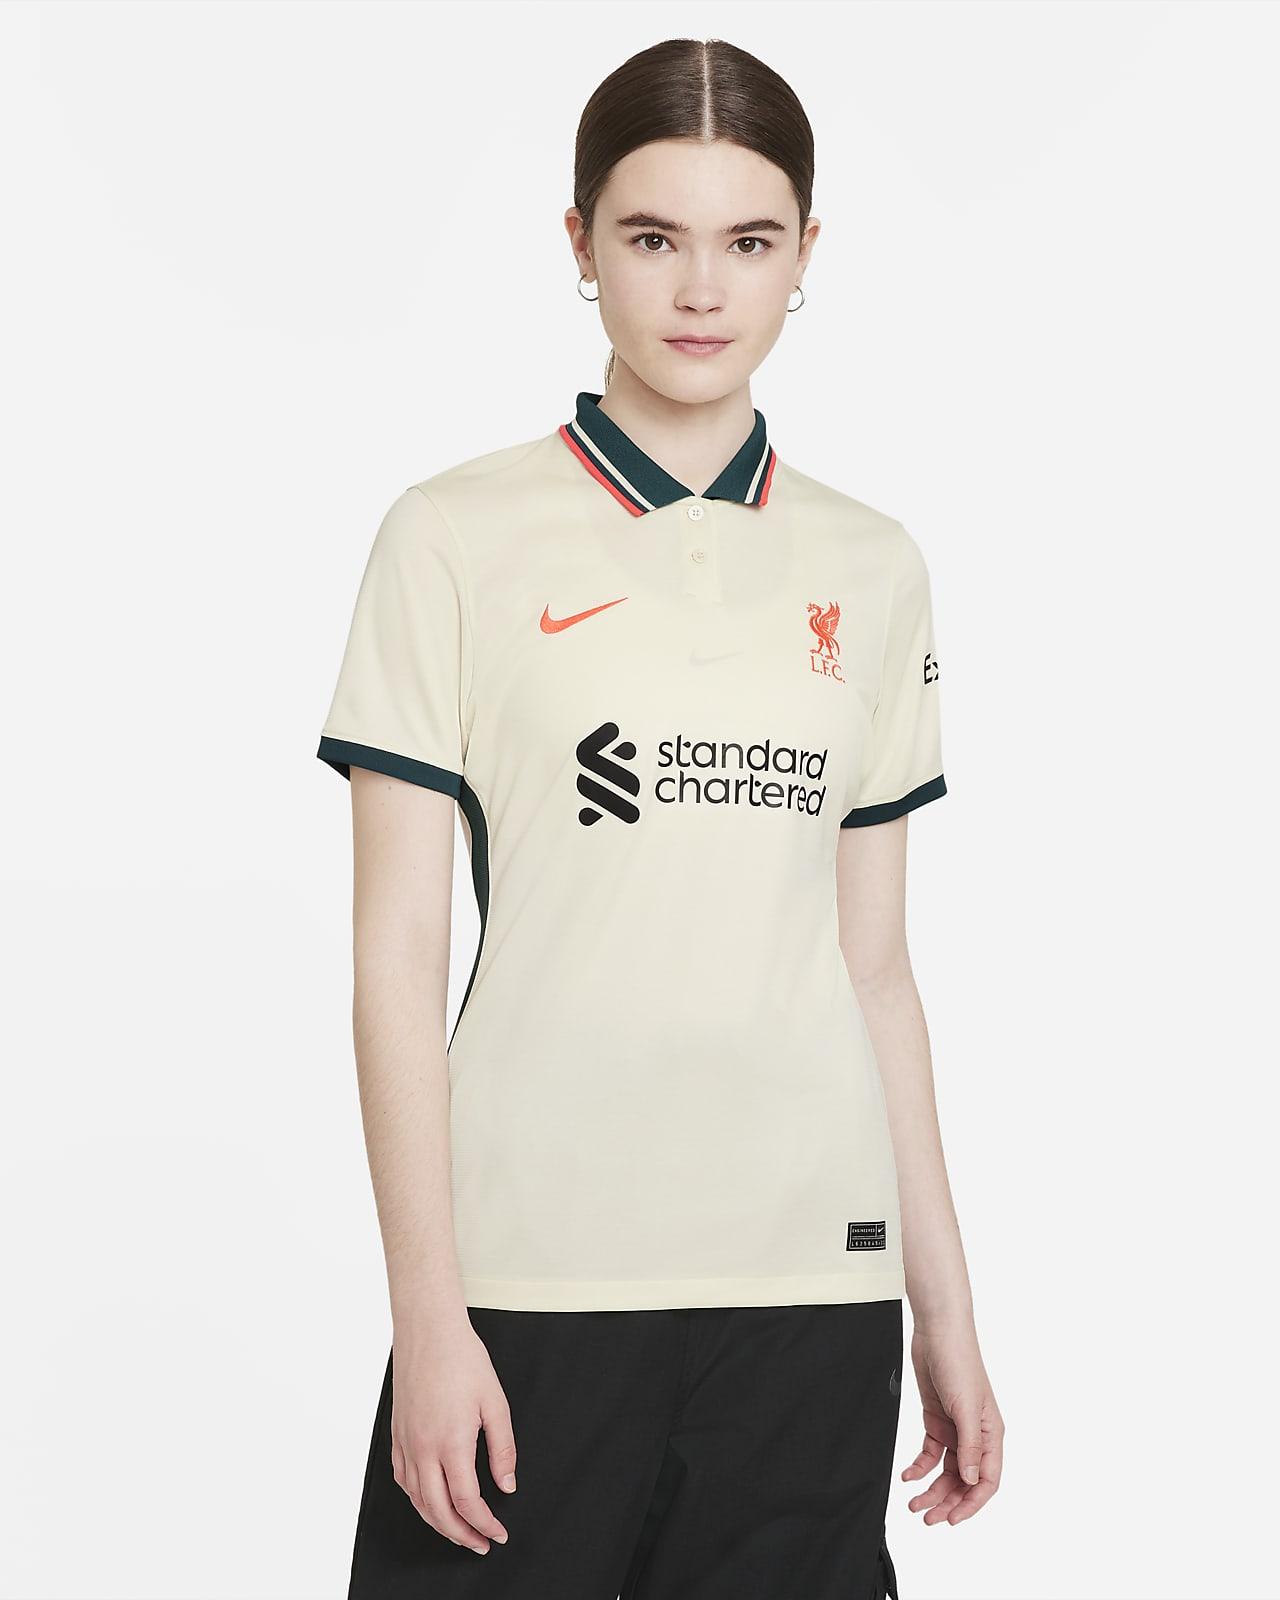 Женское футбольное джерси Nike Dri-FIT из выездной формы ФК «Ливерпуль» 2021/22 Stadium